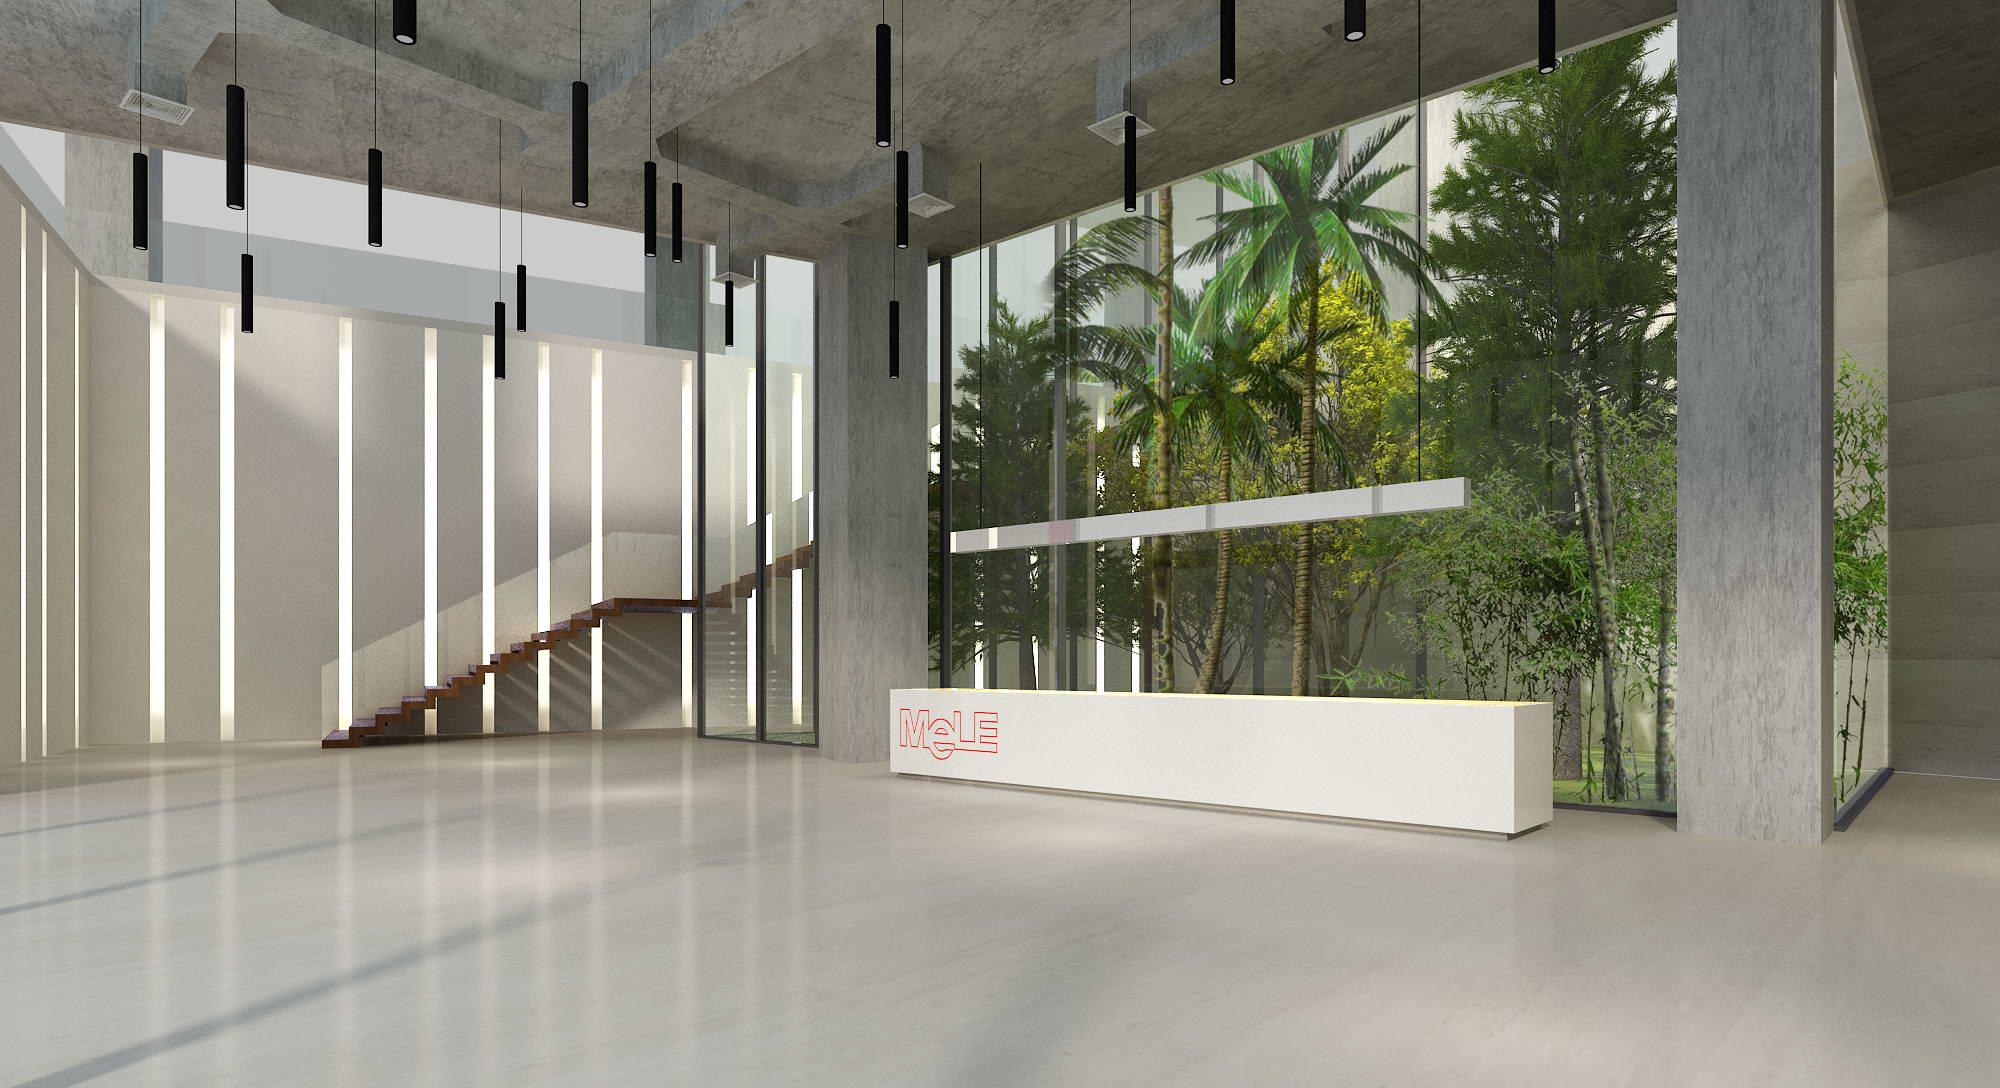 餐厅,空白休息区和入口处都相对工作大楼旋转了25度,以和西面边界平行